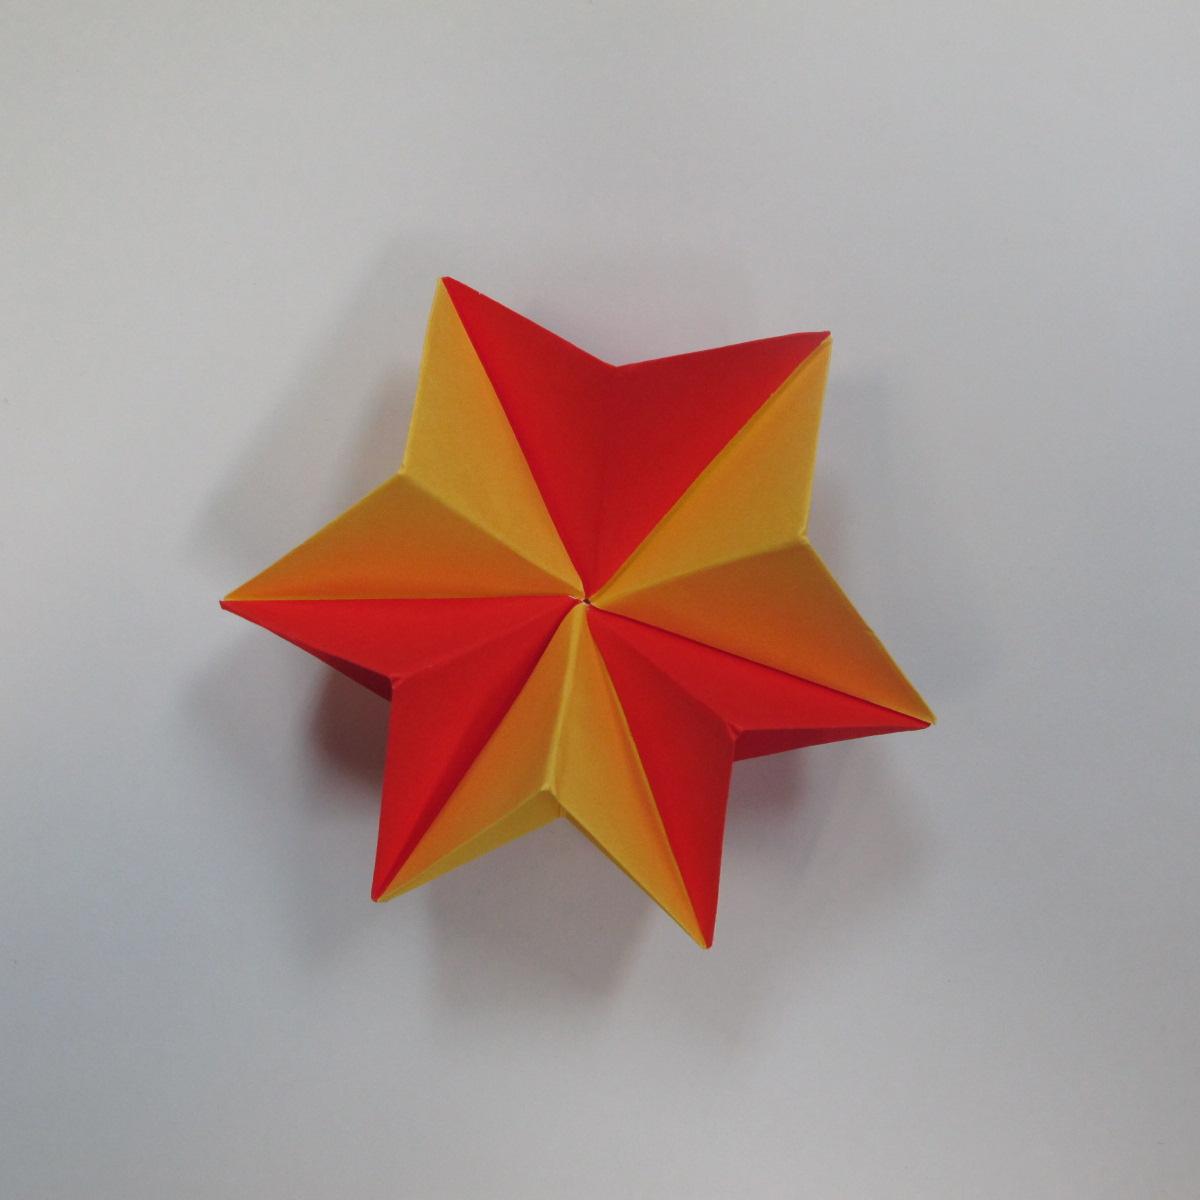 วิธีการพับกระดาษเป็นดาวหกแฉกแบบโมดูล่า 021